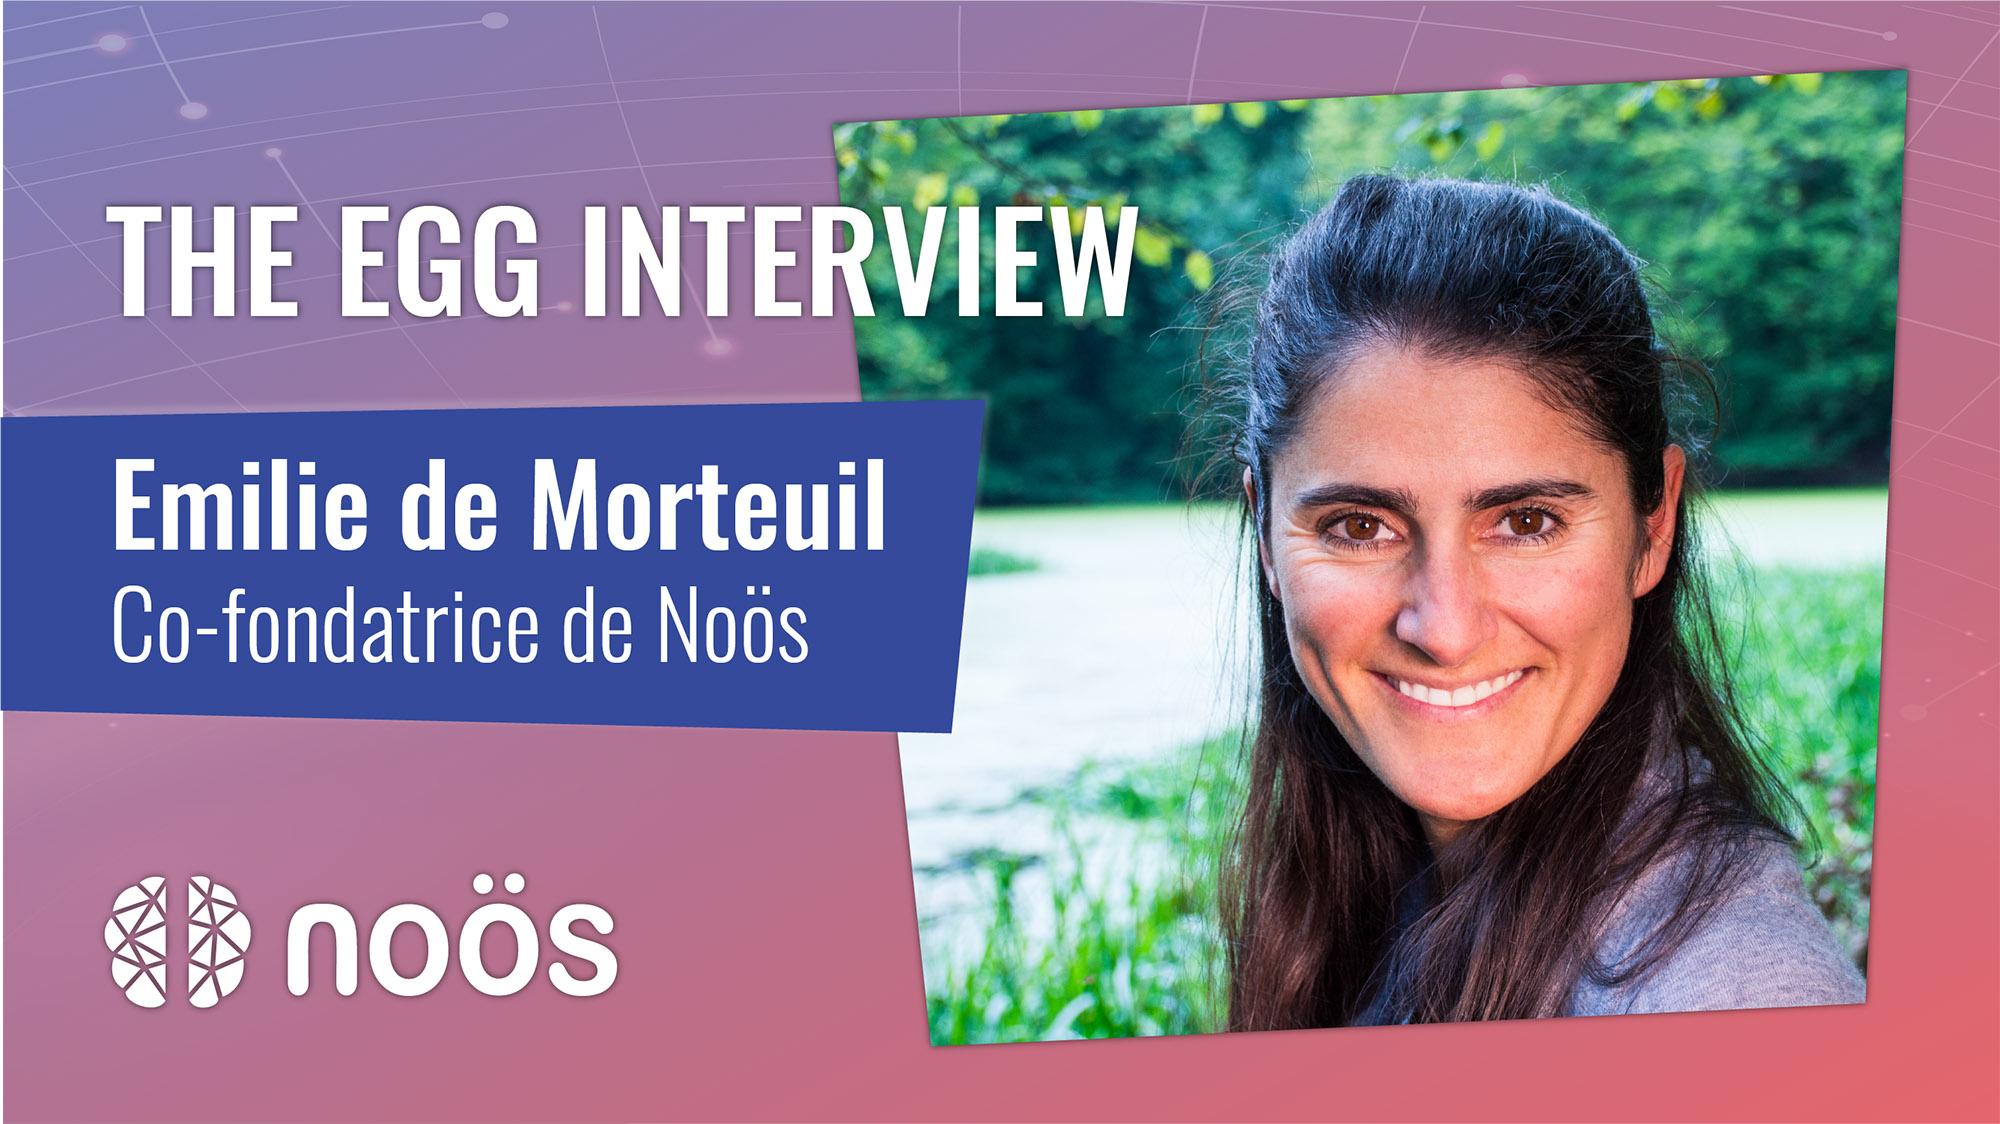 The Egg Interview - Emilie de Morteuil, co-fondatrice de la communauté Noös